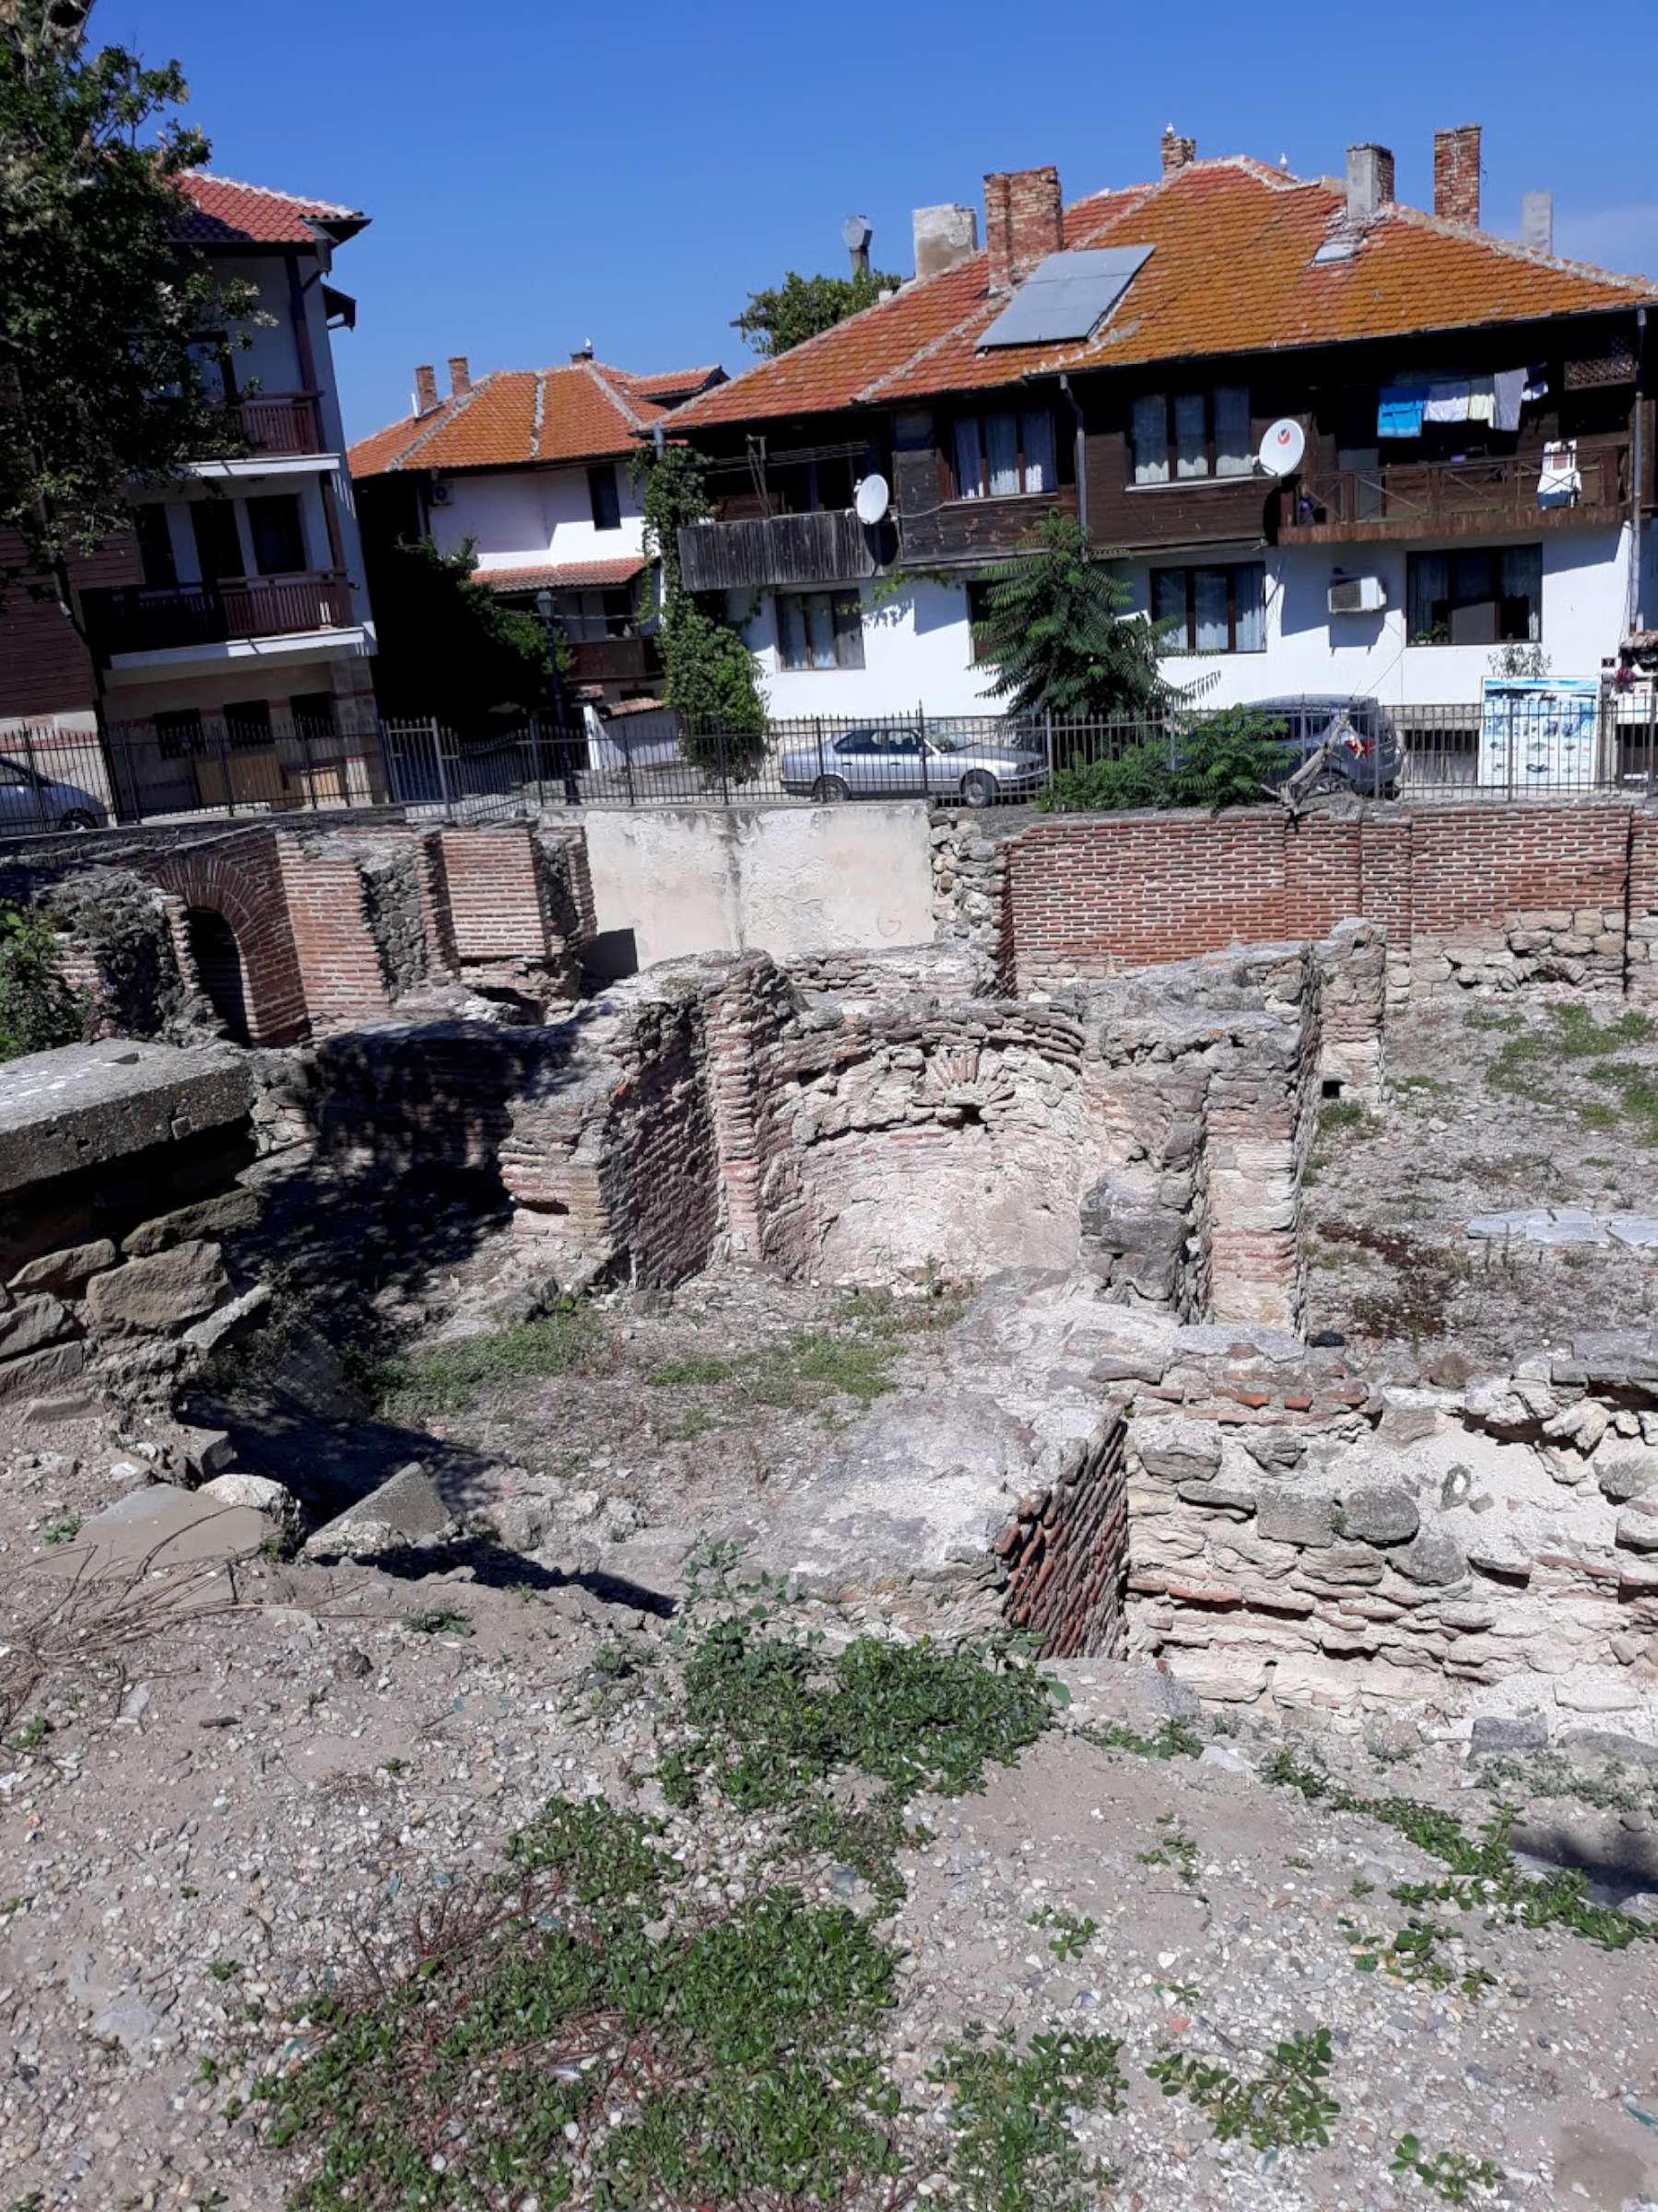 Bulgarija   R.Jasukaitienės nuotr.